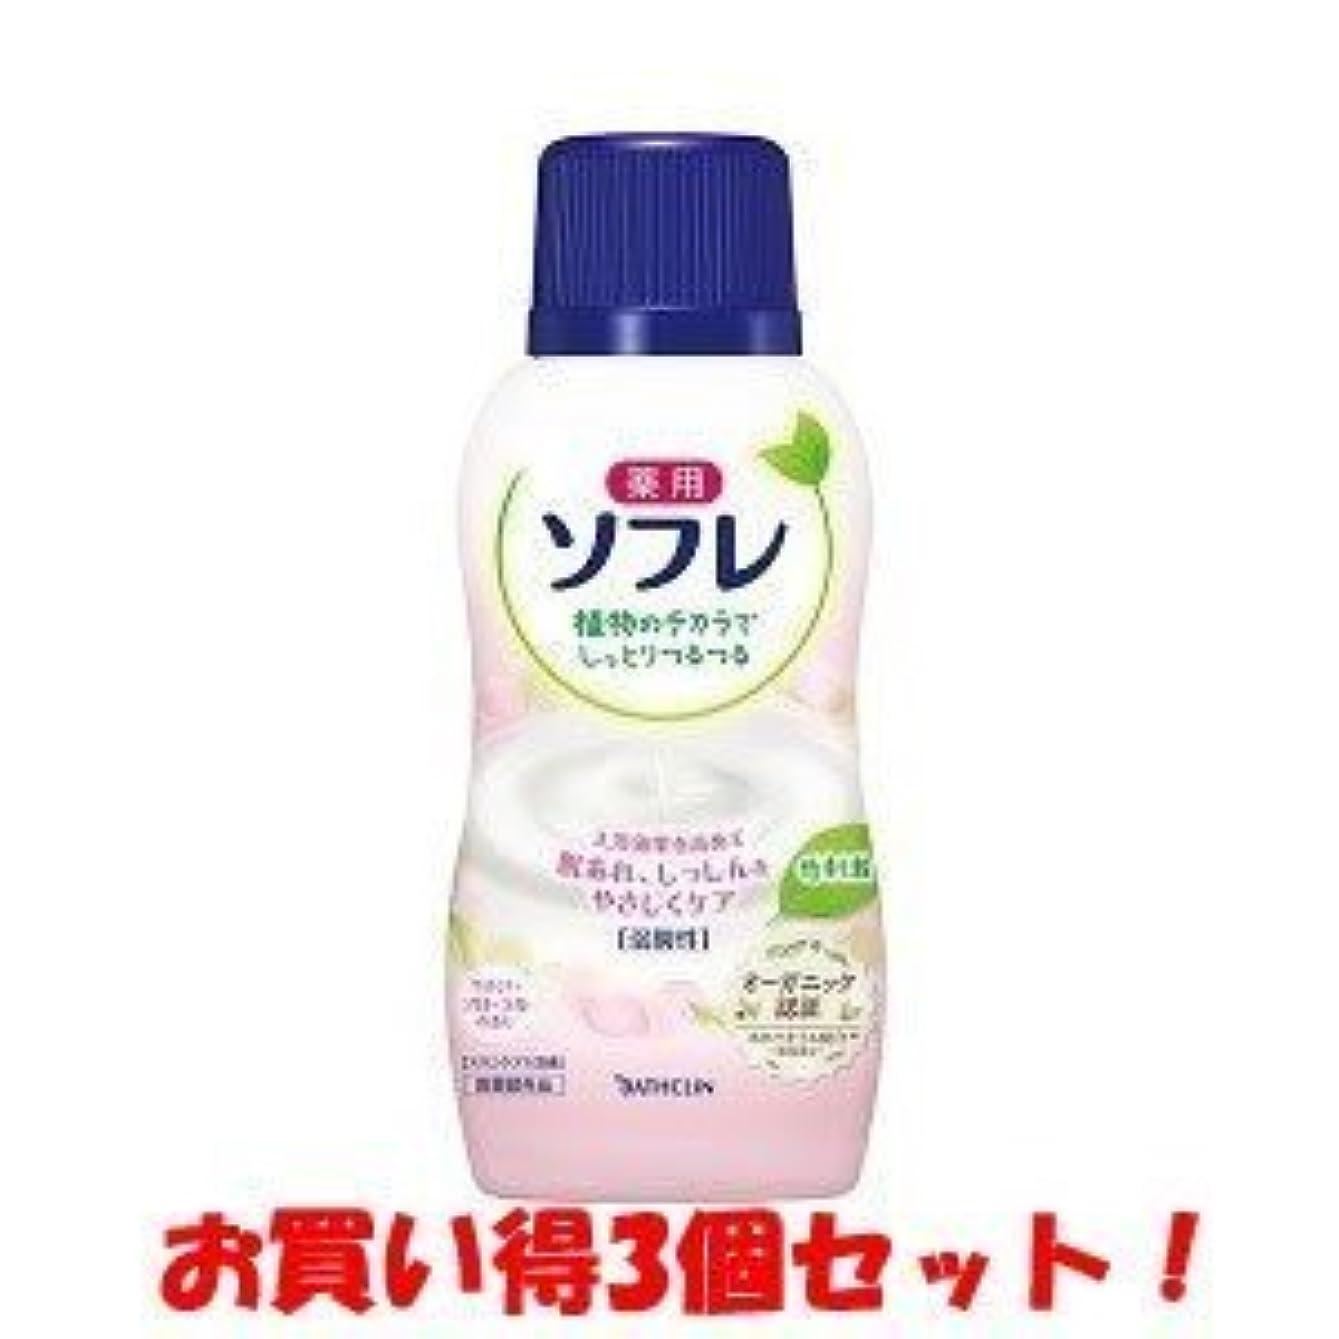 名詞敵素子(バスクリン)薬用ソフレ スキンケア入浴液 やさしいフローラル香り 720ml(医薬部外品)(お買い得3個セット)